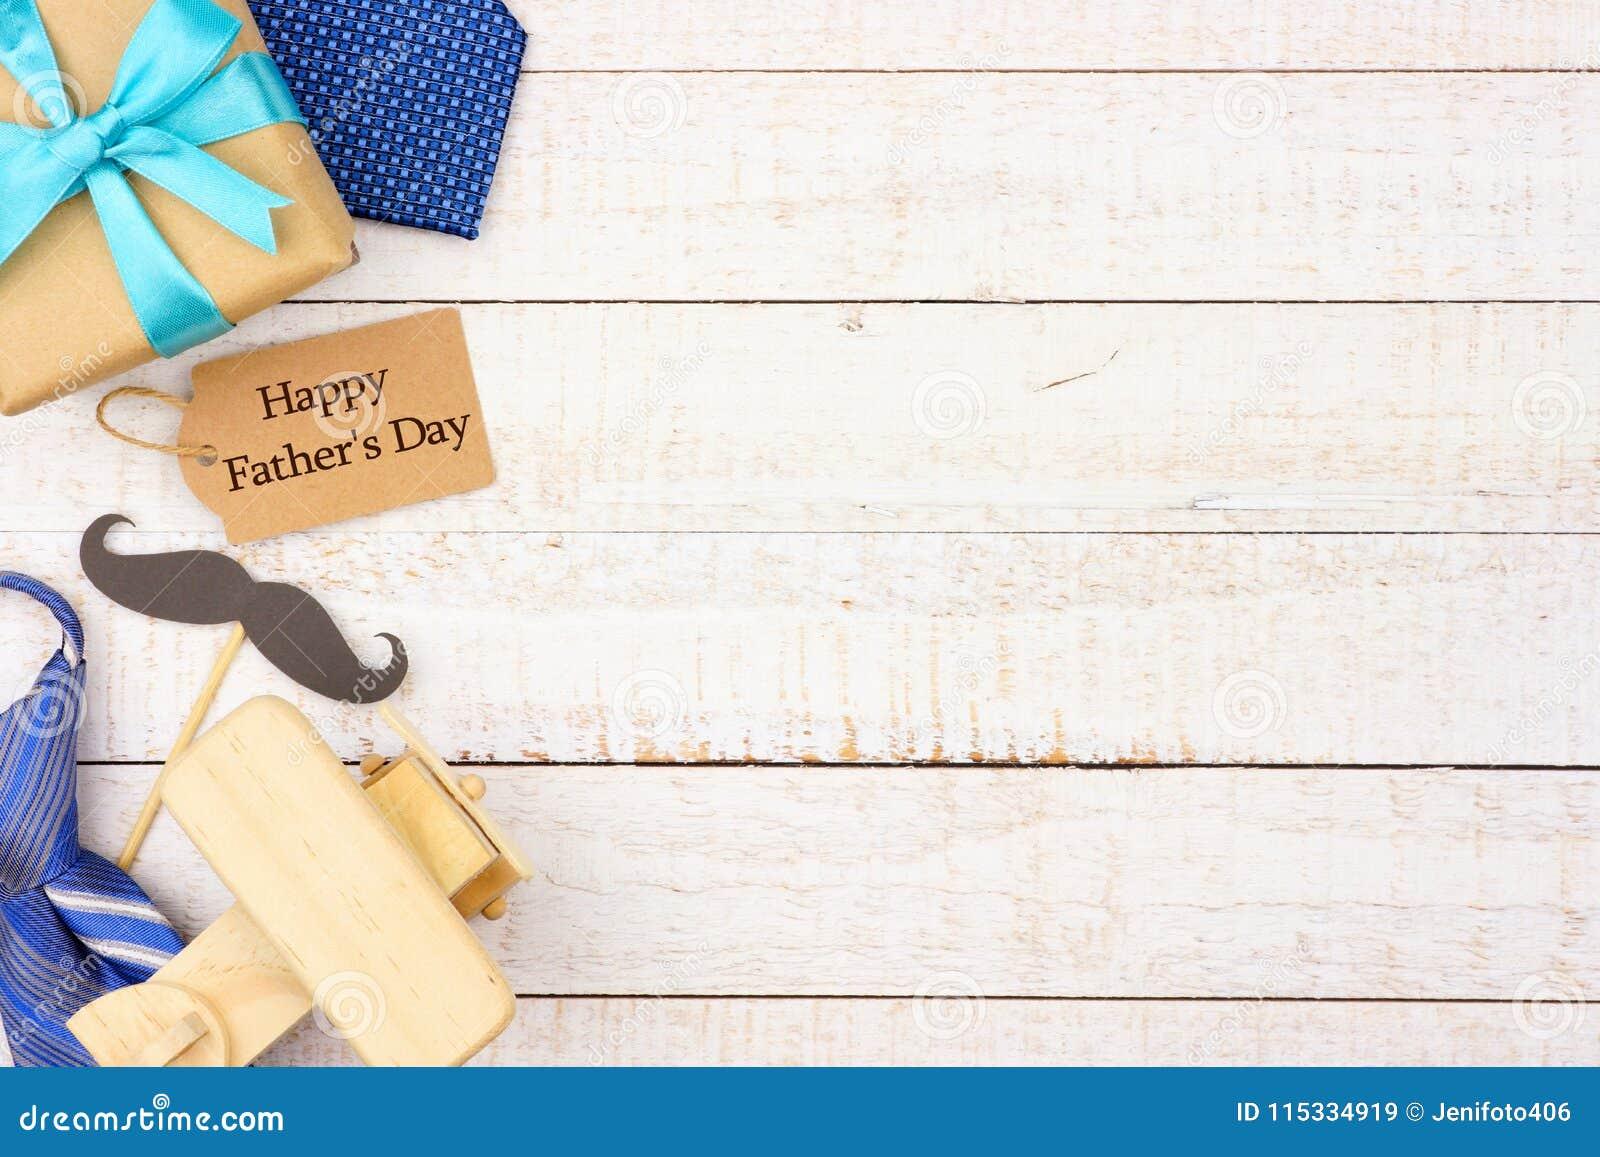 Glückliches Vatertags-Geschenktag mit Seitengrenze von Geschenken, von Bindungen und von Dekor auf weißem Holz